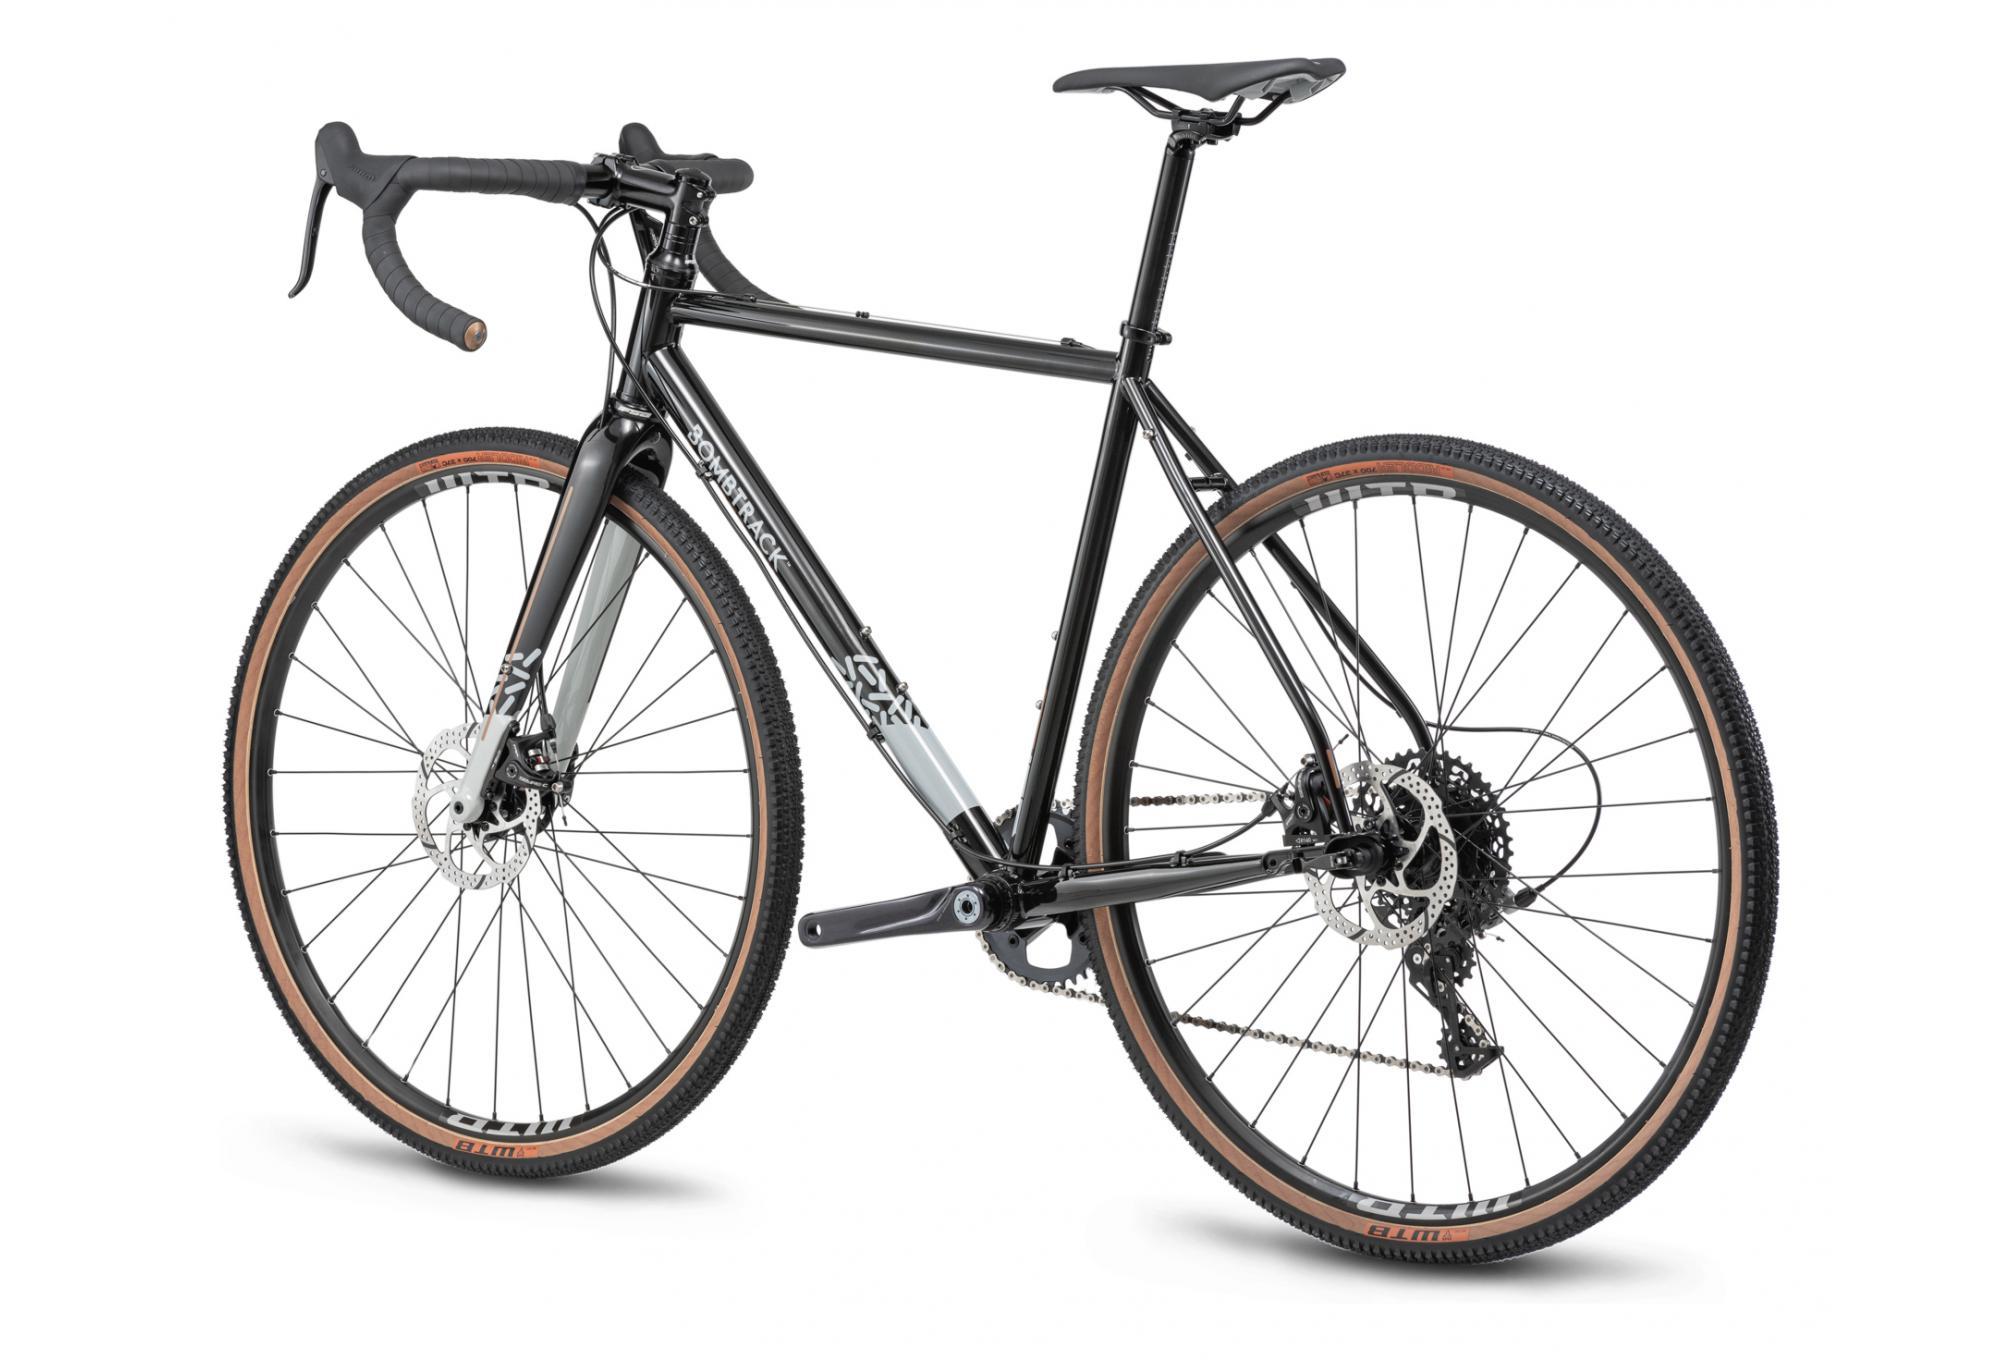 bombtrack hook 2 gravel bike sram rival 11s black 2019. Black Bedroom Furniture Sets. Home Design Ideas